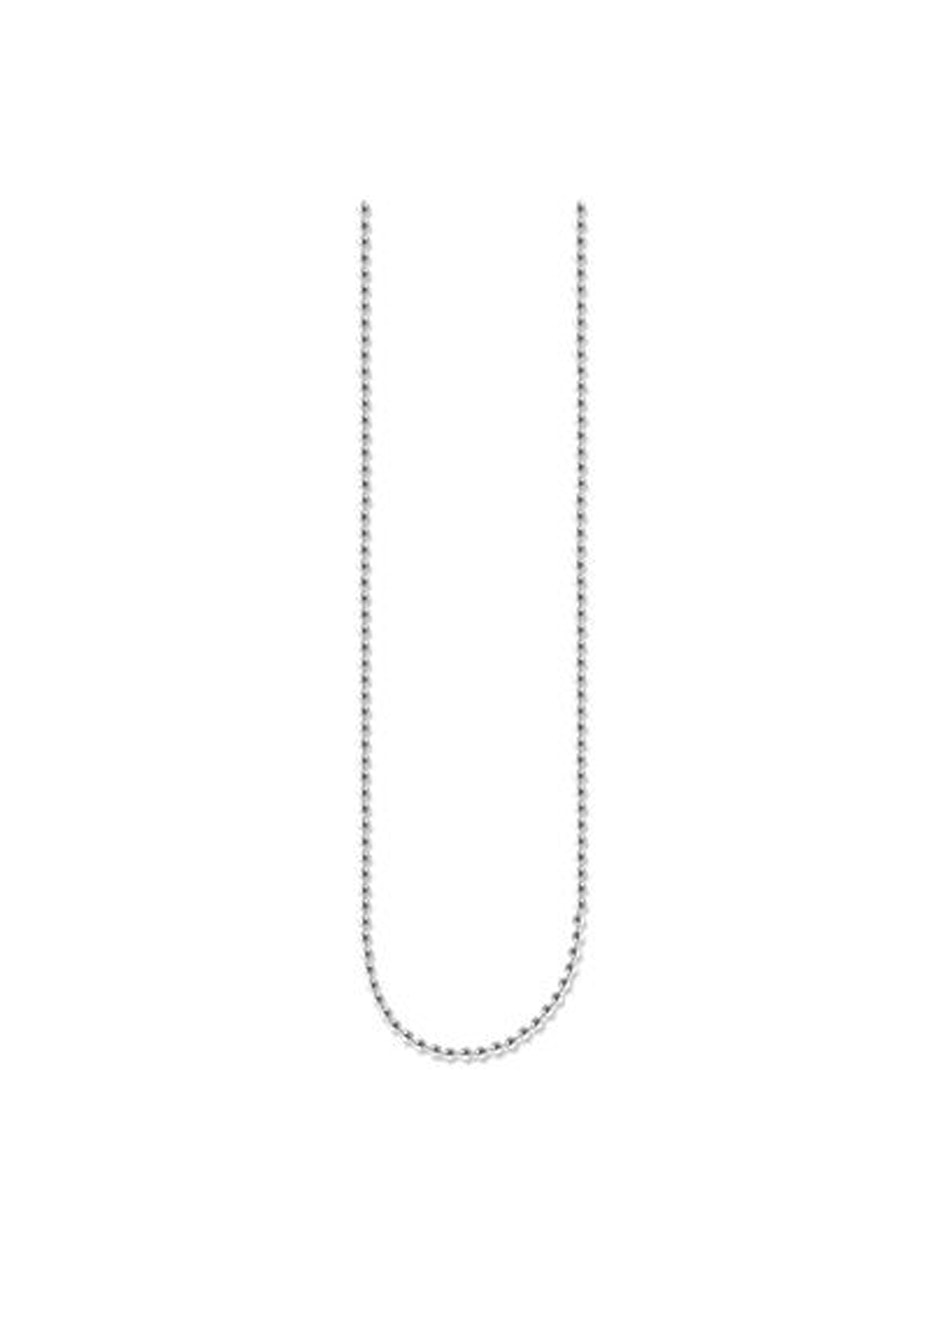 Thomas Sabo  - Charm Club - Plug Chain